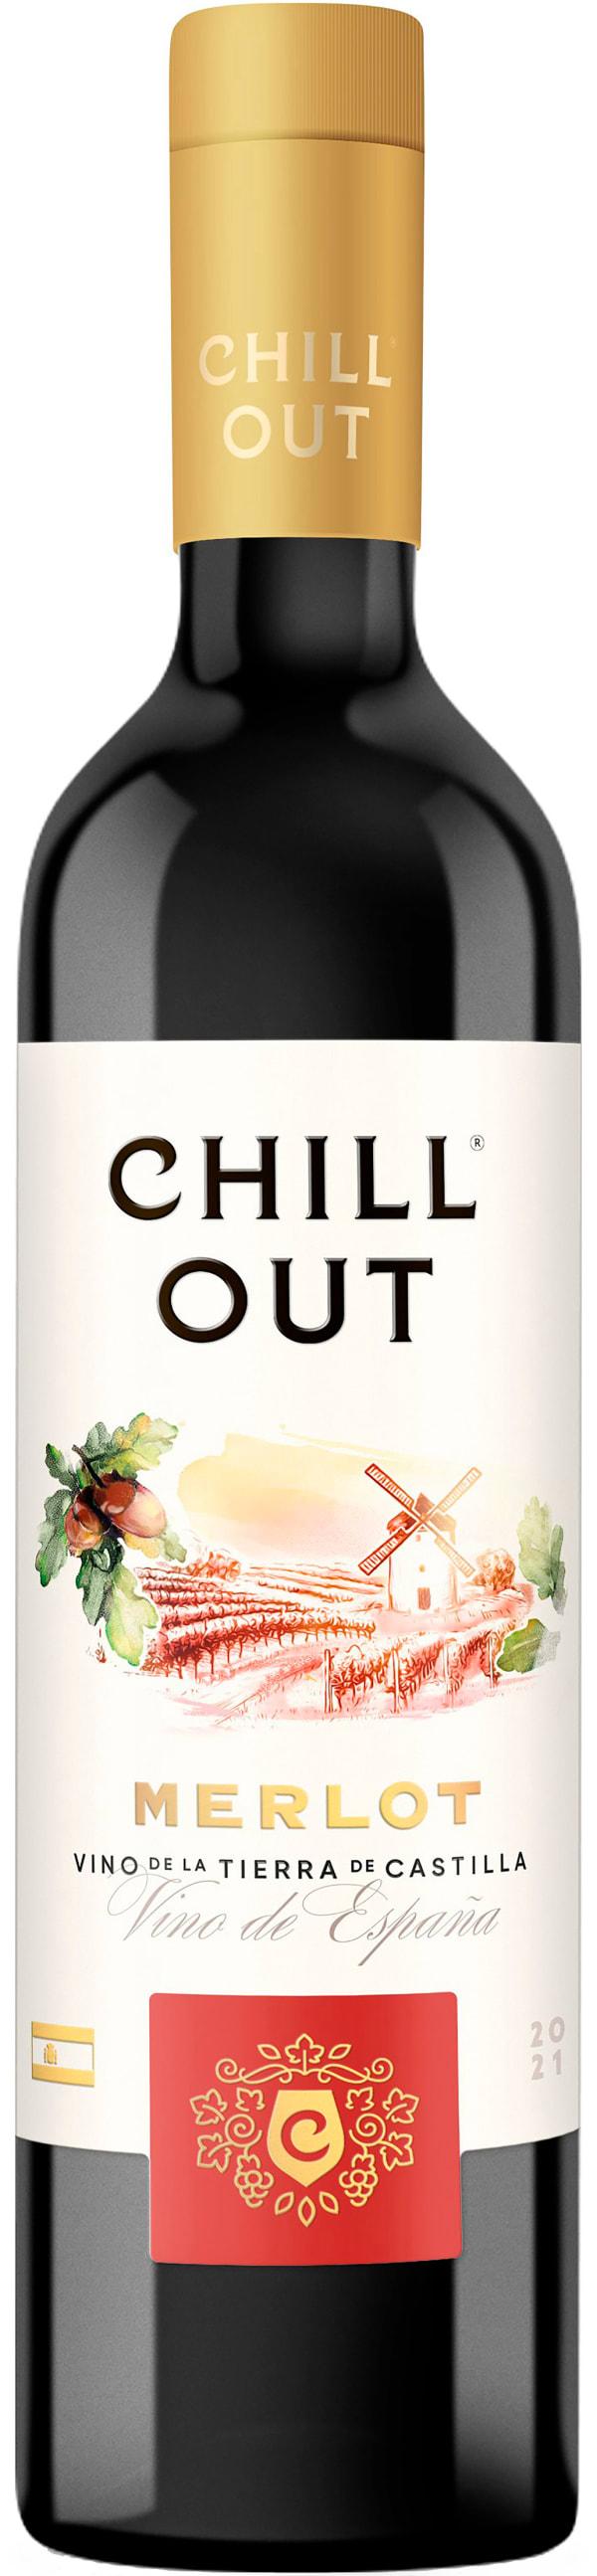 Chill Out Merlot Spain  2020 plastic bottle